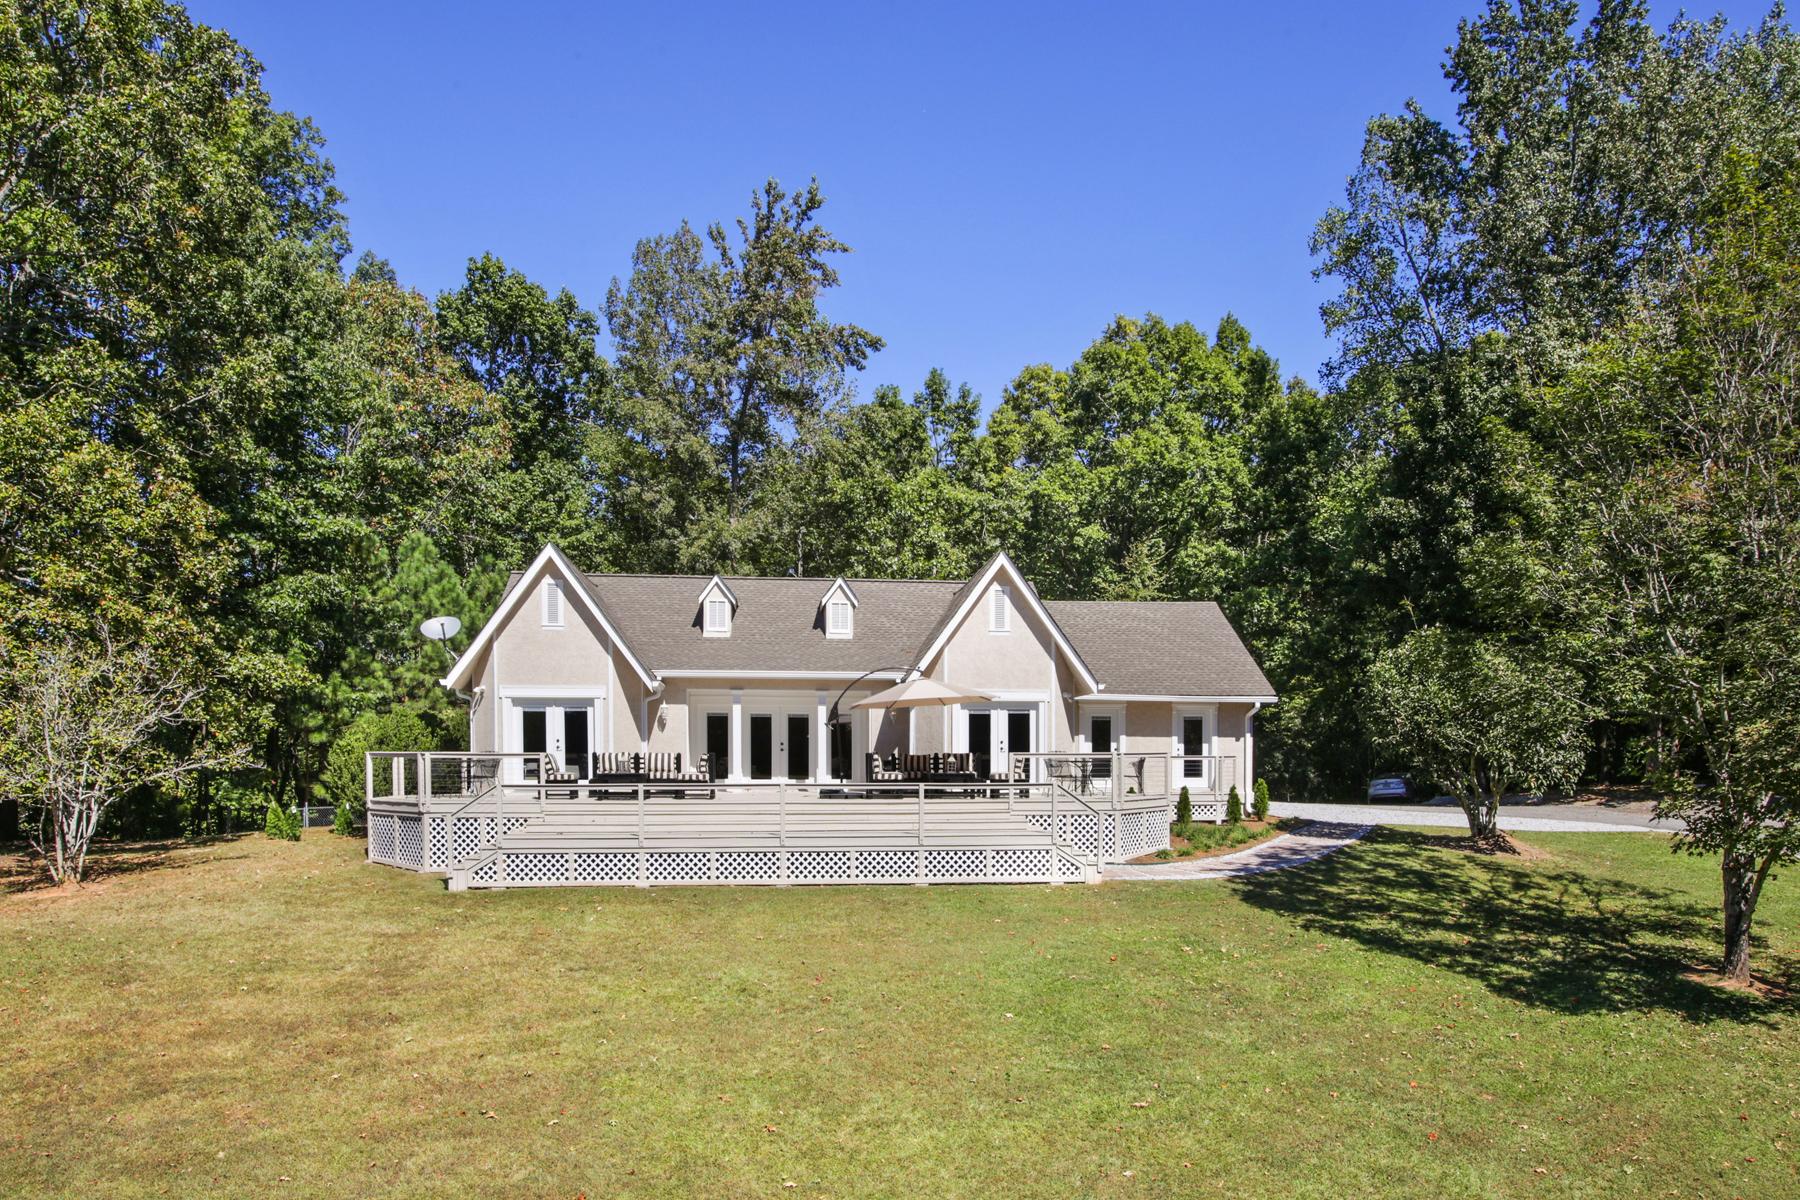 Tek Ailelik Ev için Satış at European Style Lakefront Getaway 8440 Hearn Road Chattahoochee Hills, Georgia, 30268 Amerika Birleşik Devletleri